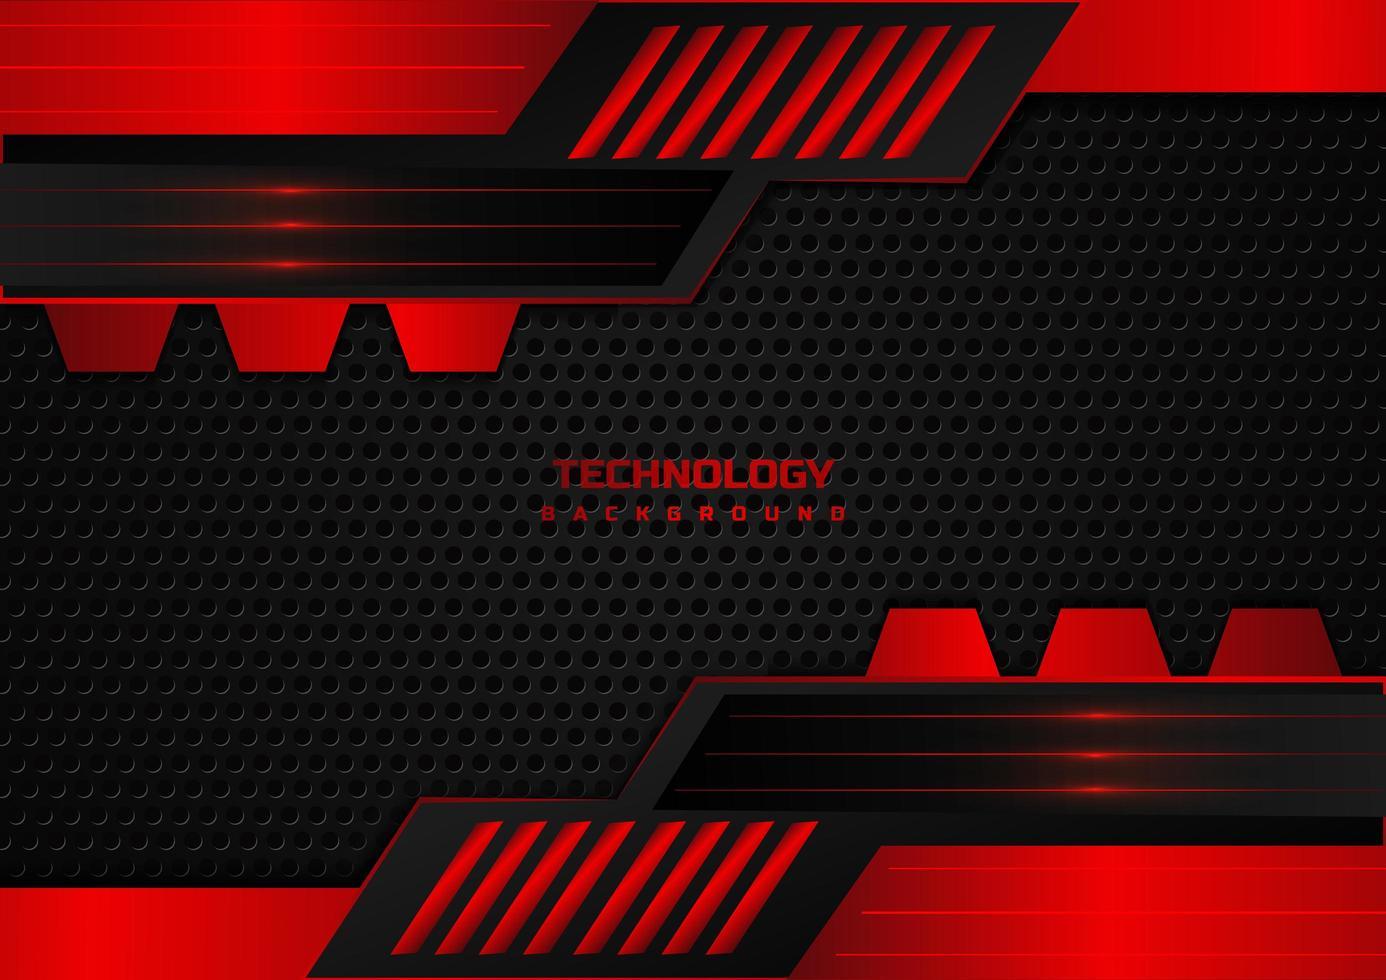 abstracte technologie geometrische rode en zwarte achtergrond vector